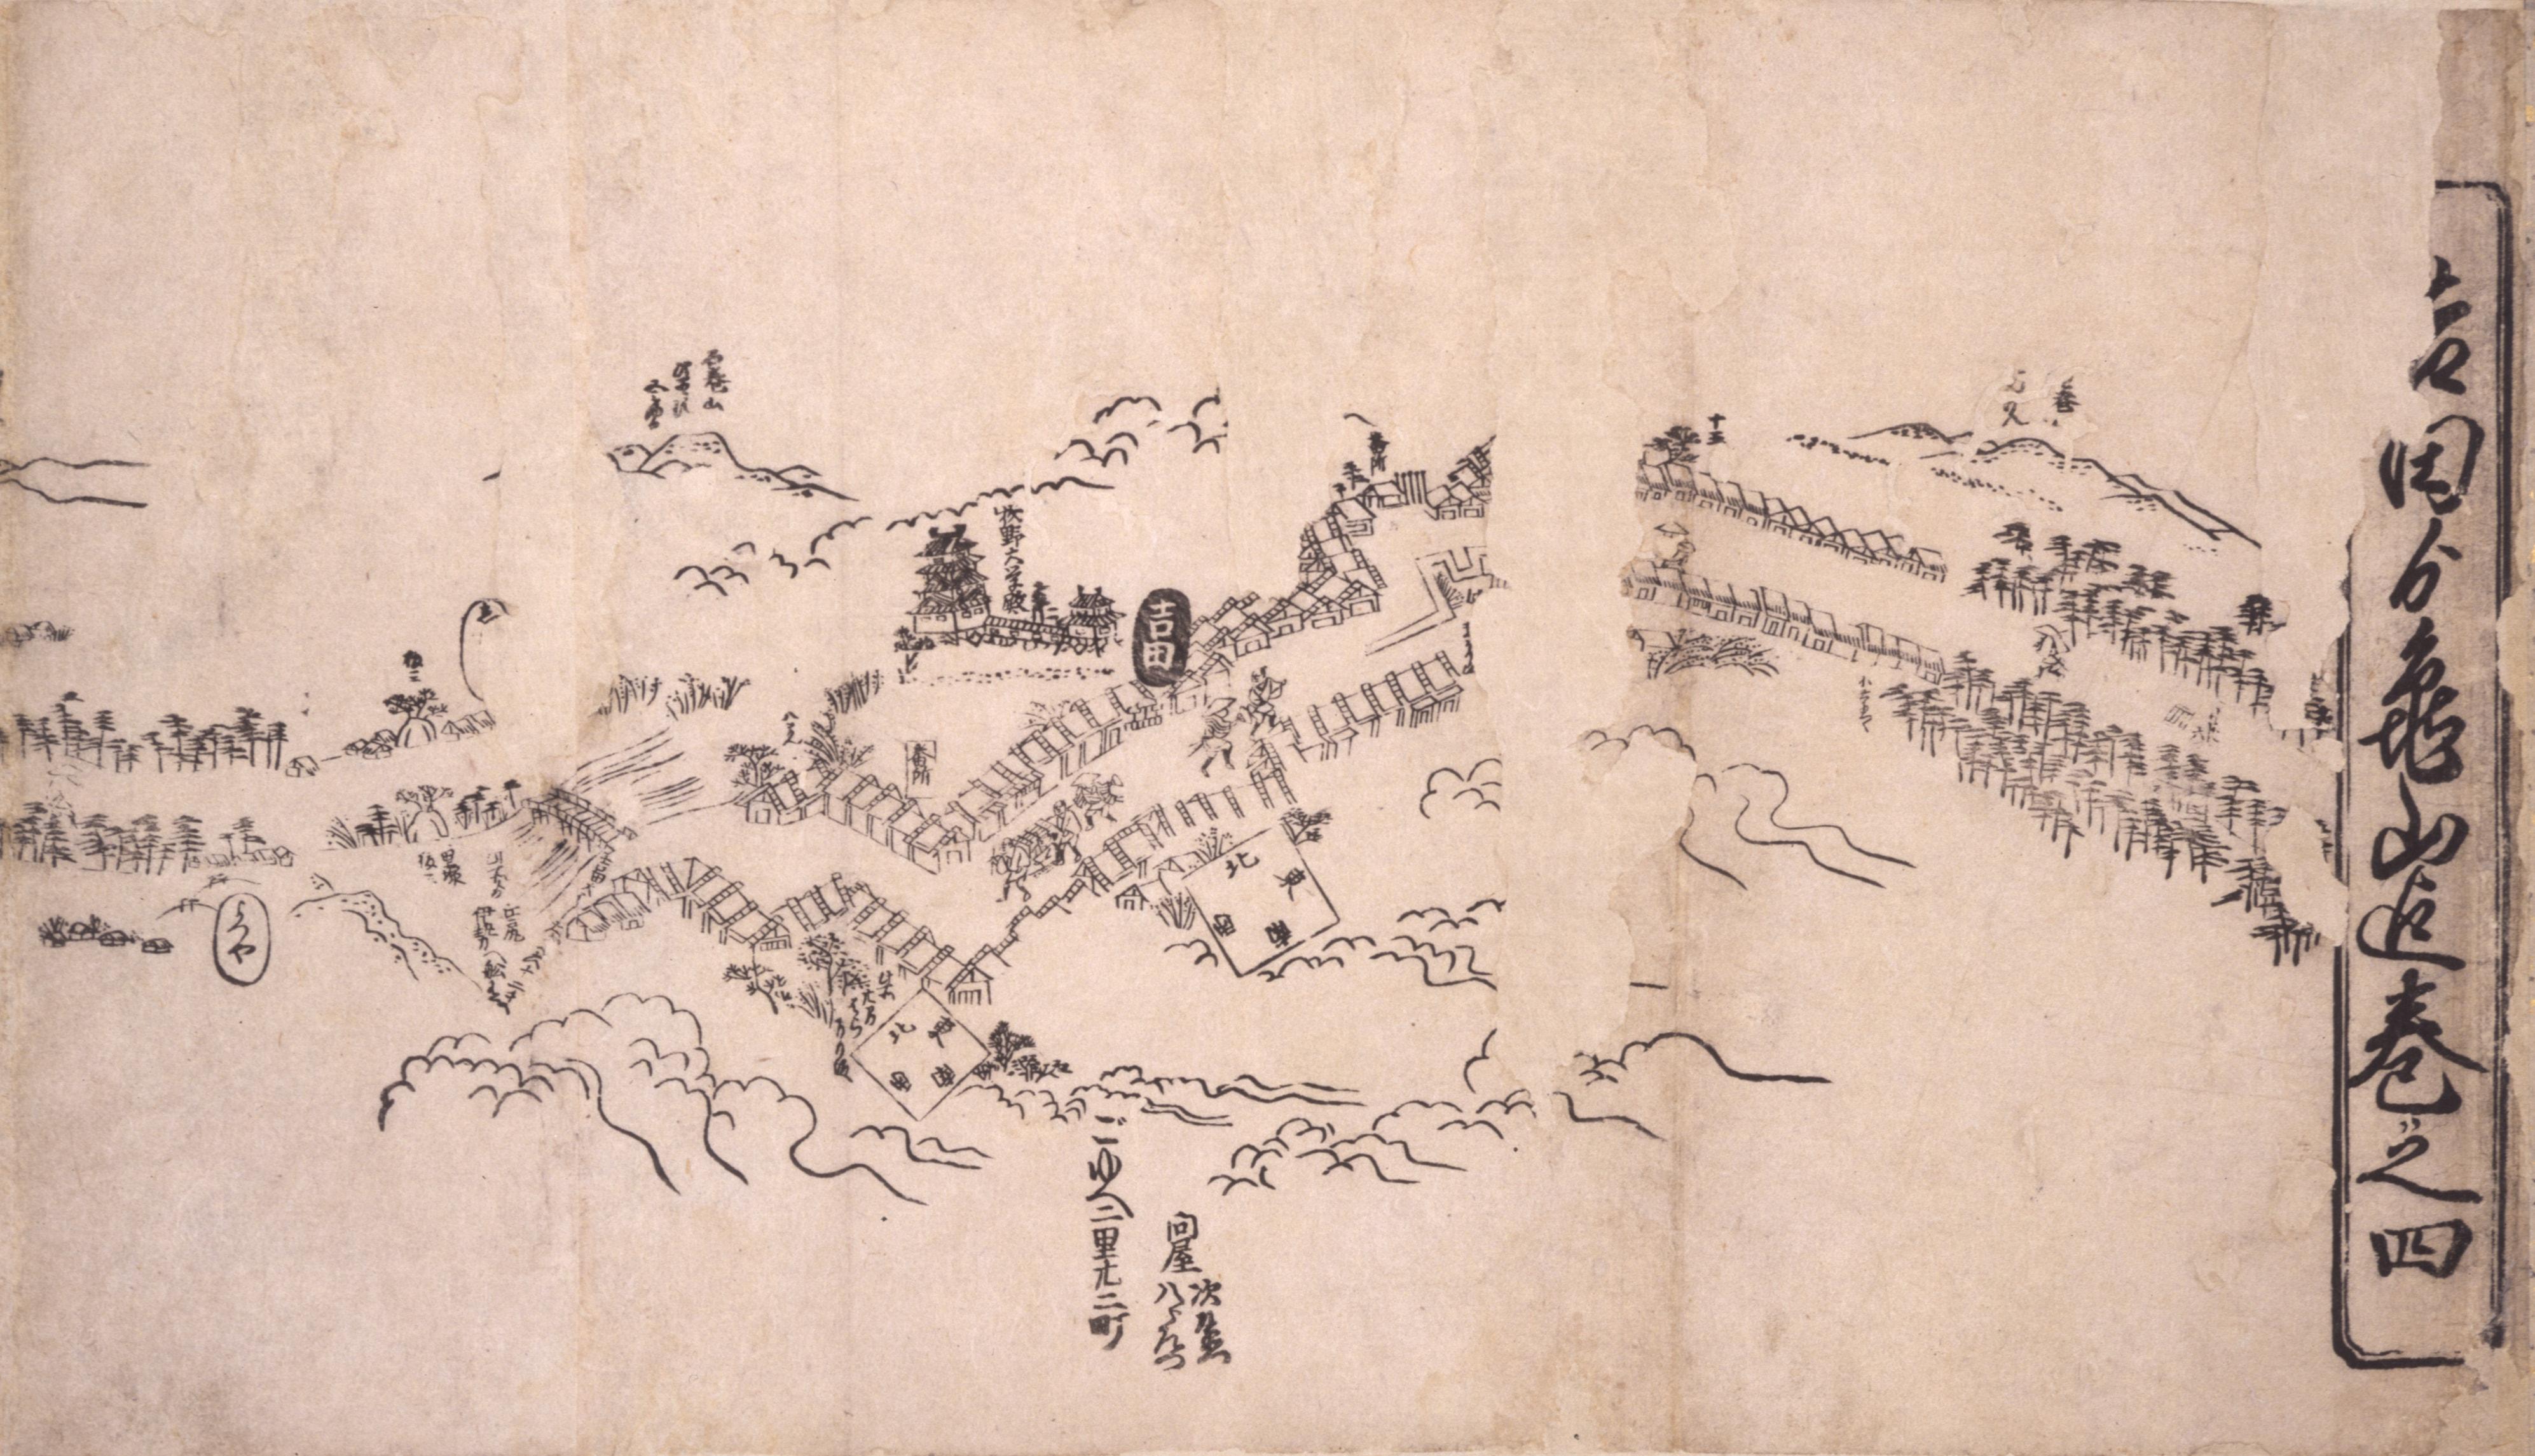 東海道分間之図 五十